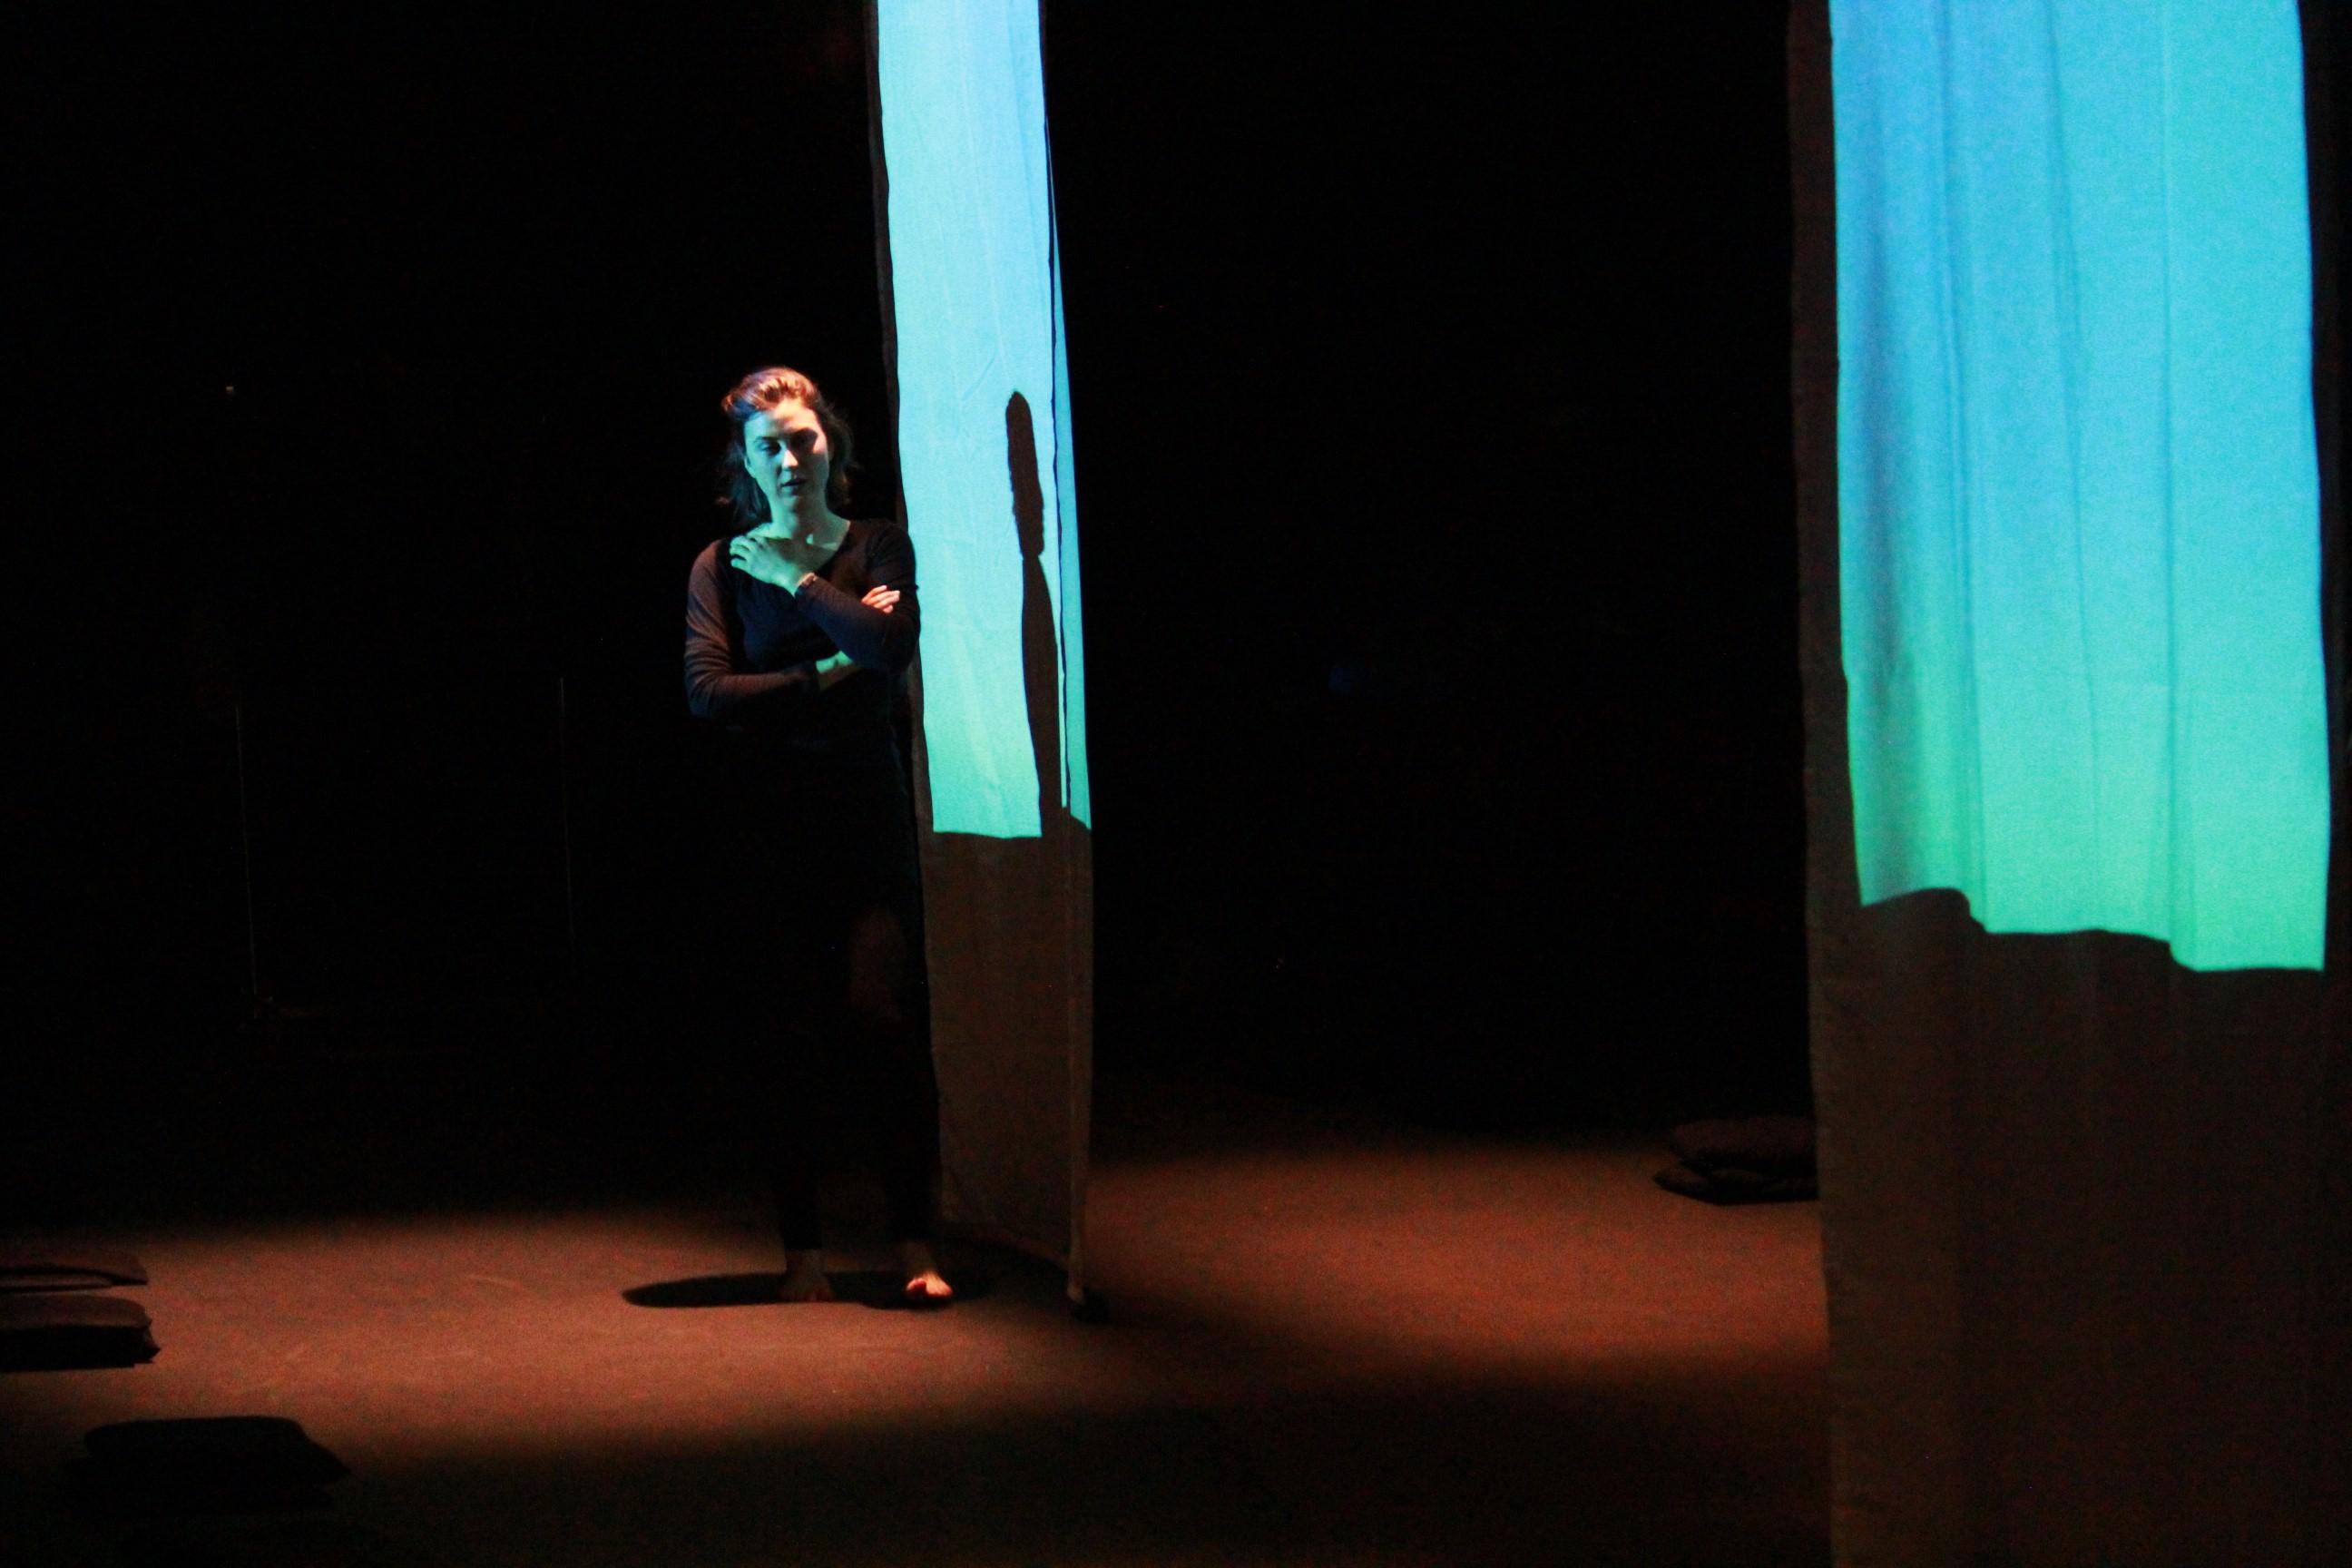 3 Nata devant le dispositif d'animation graphique mis en place pour le spectacle